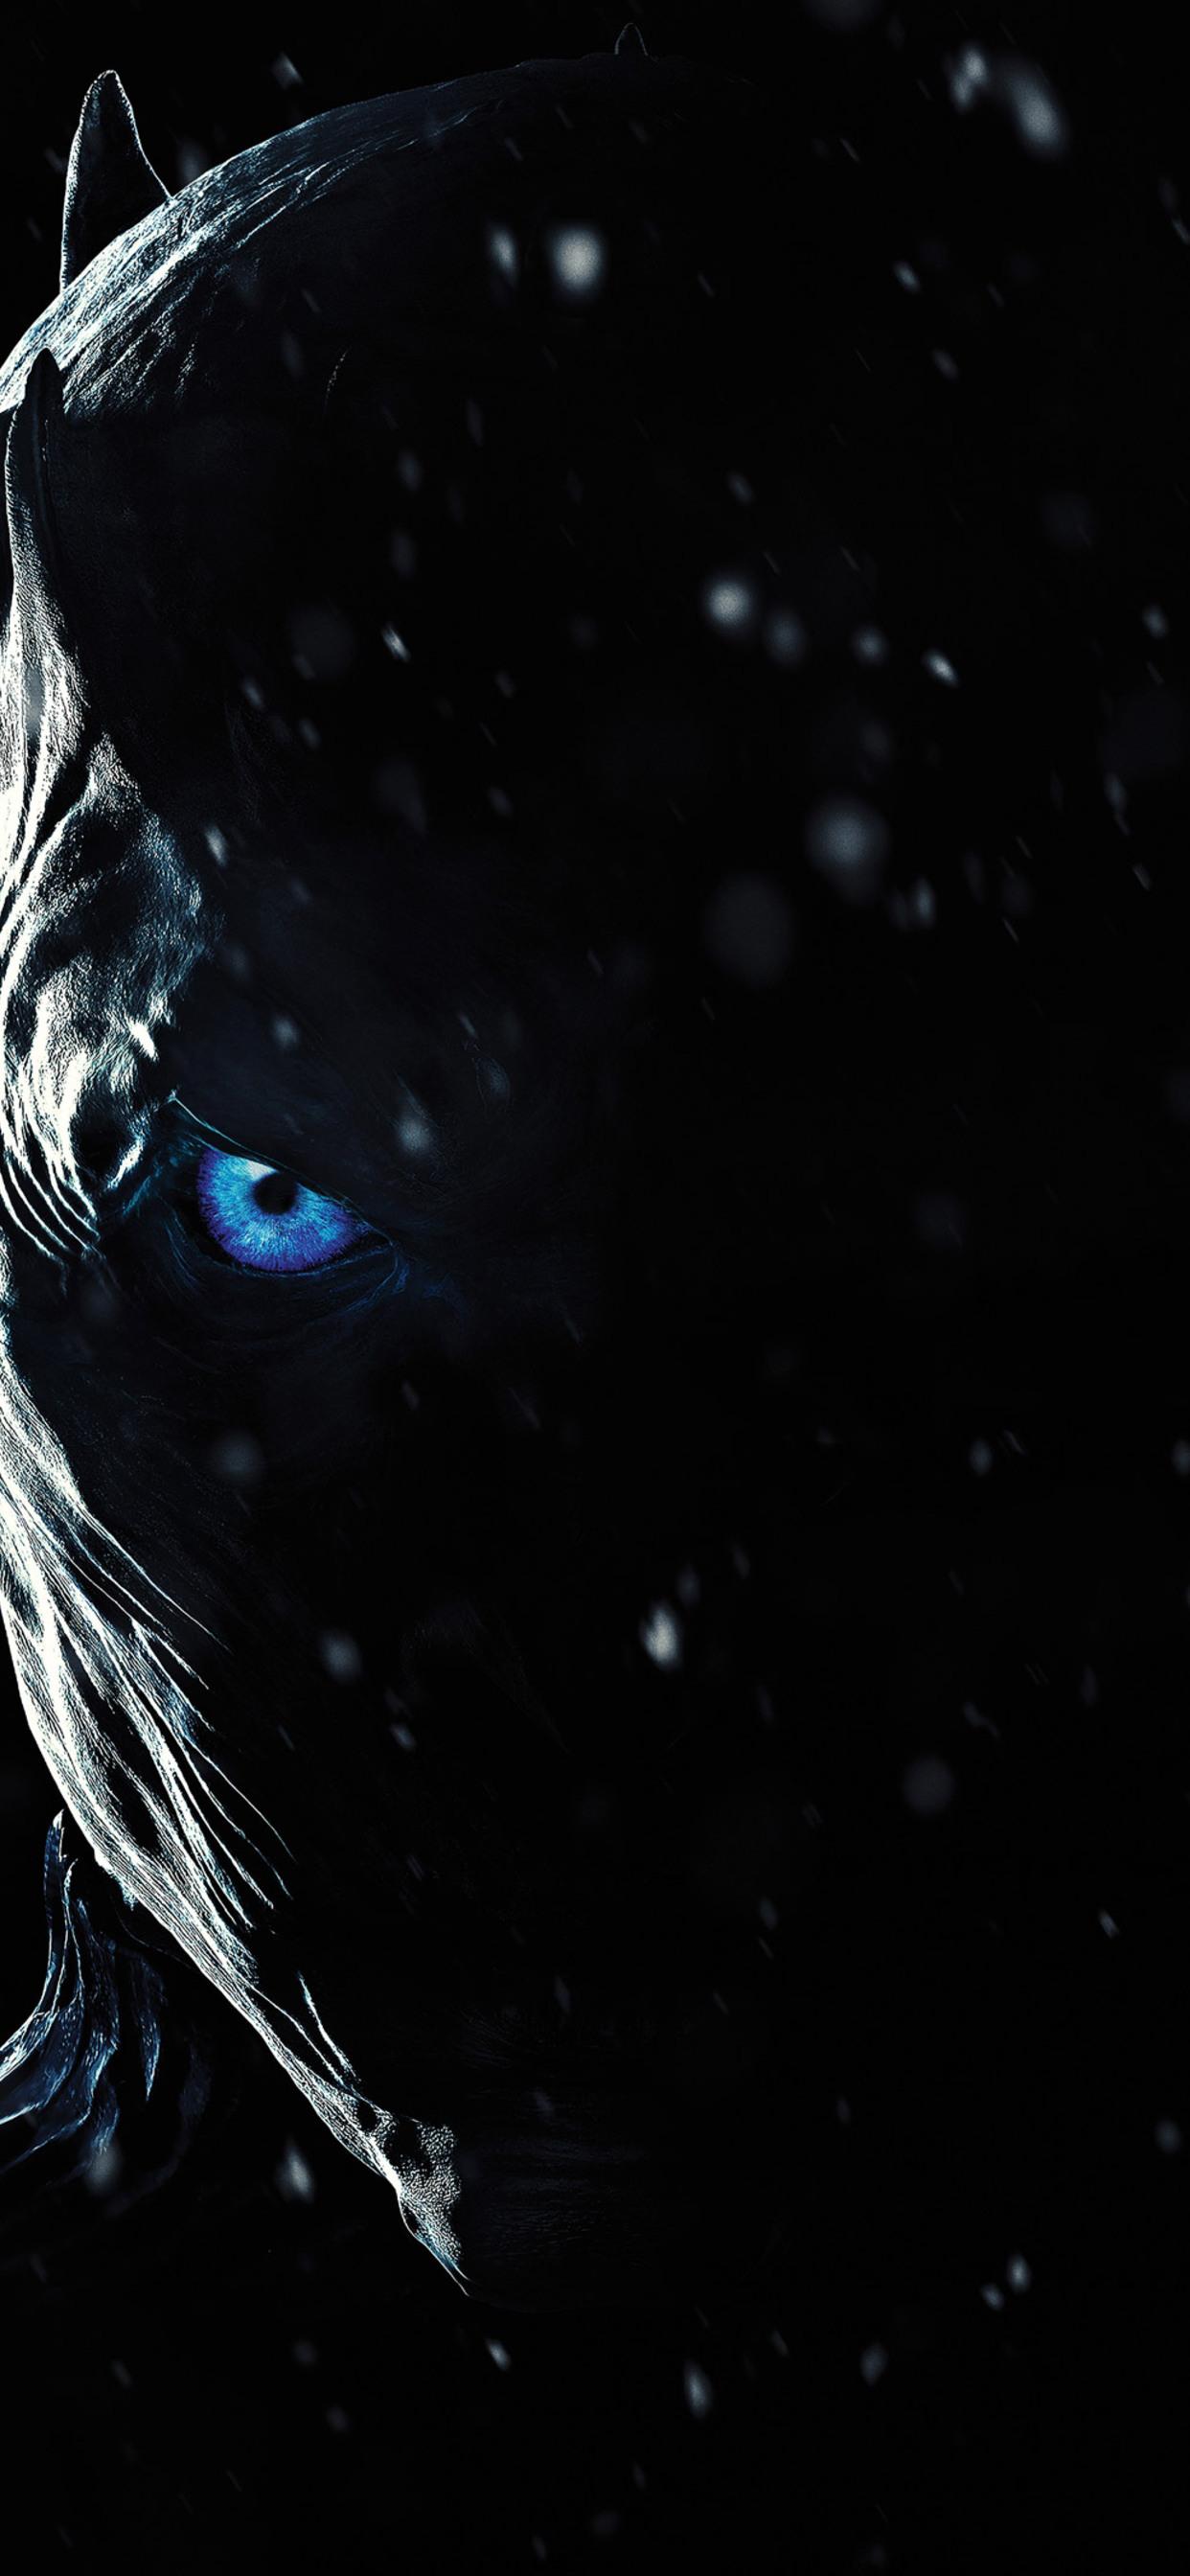 game-of-thrones-season-7-white-walkers-g6.jpg